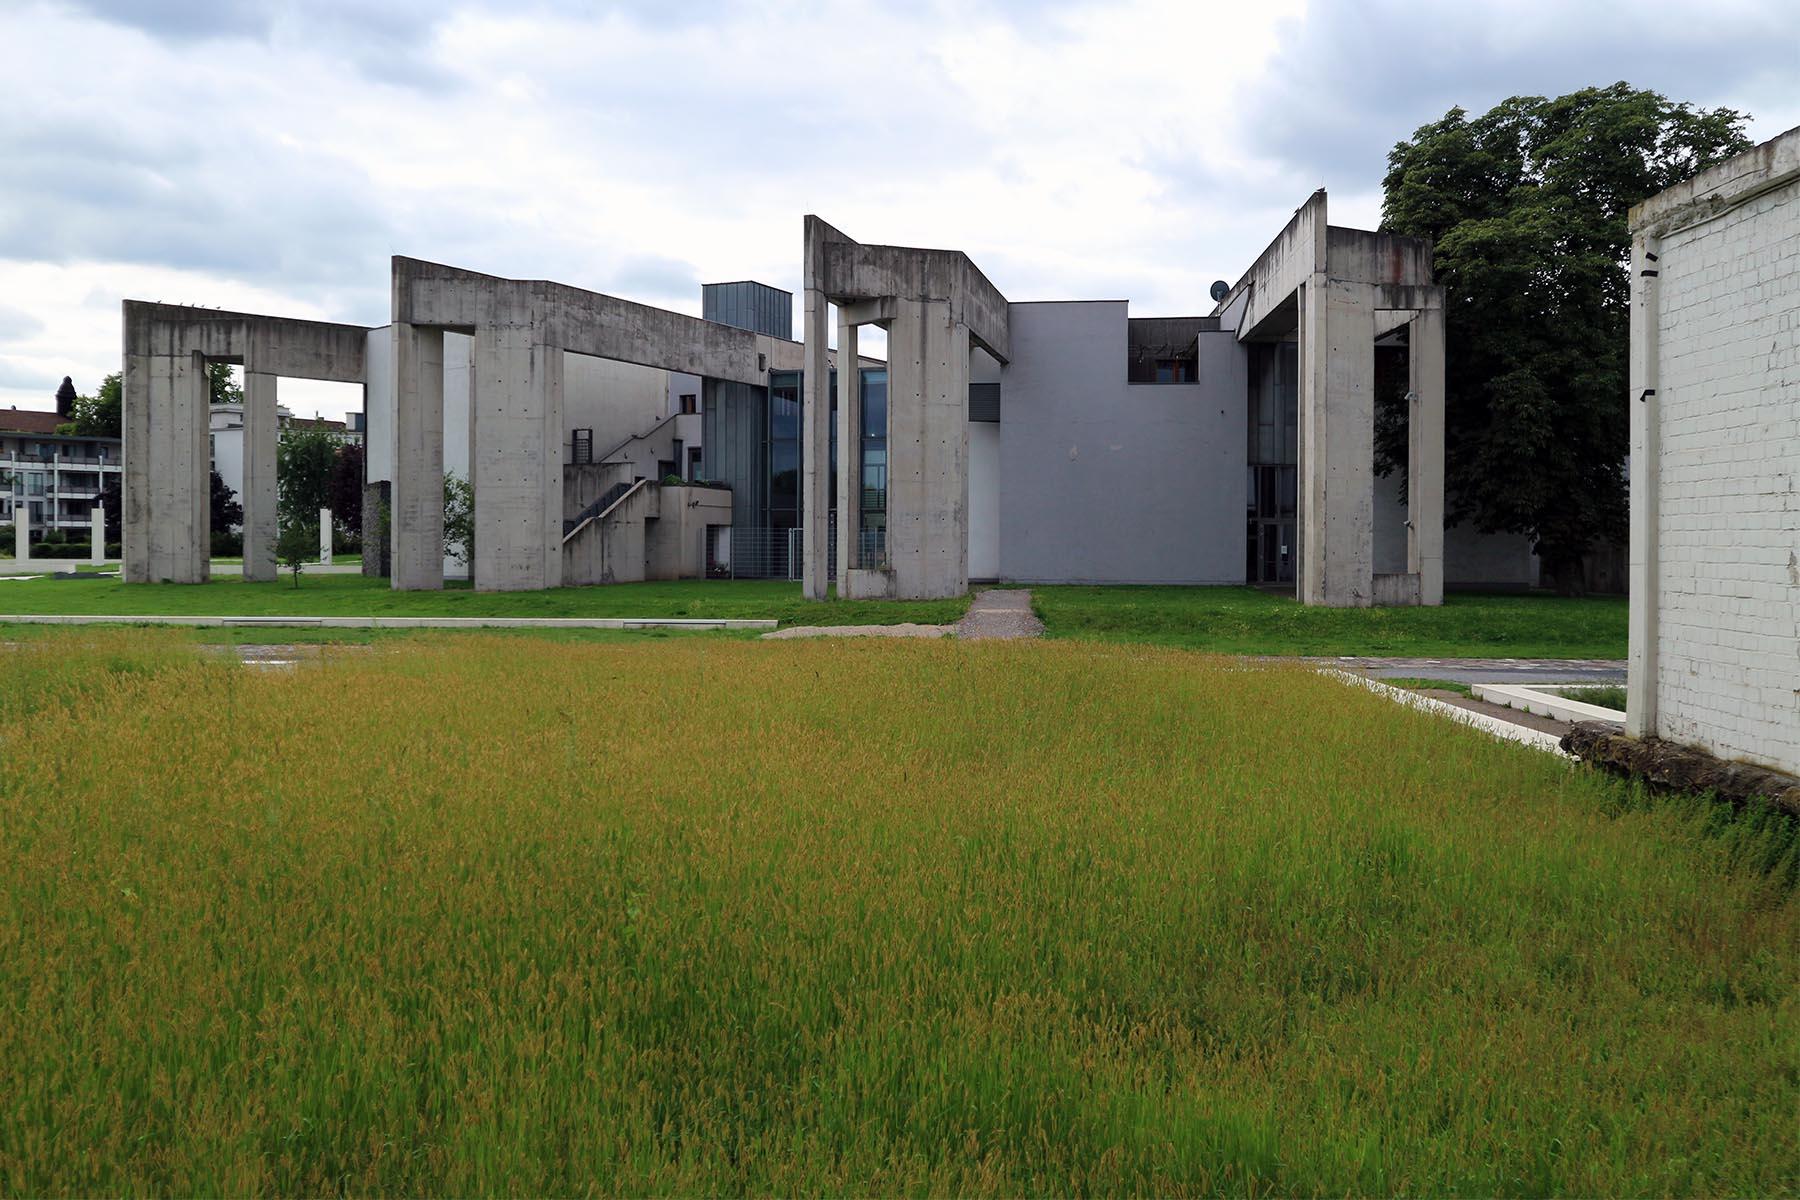 Synagoge und Jüdisches Gemeindezentrum. Zvi Hecker, Baujahr: 1999. Springwall 16, 47051 Duisburg